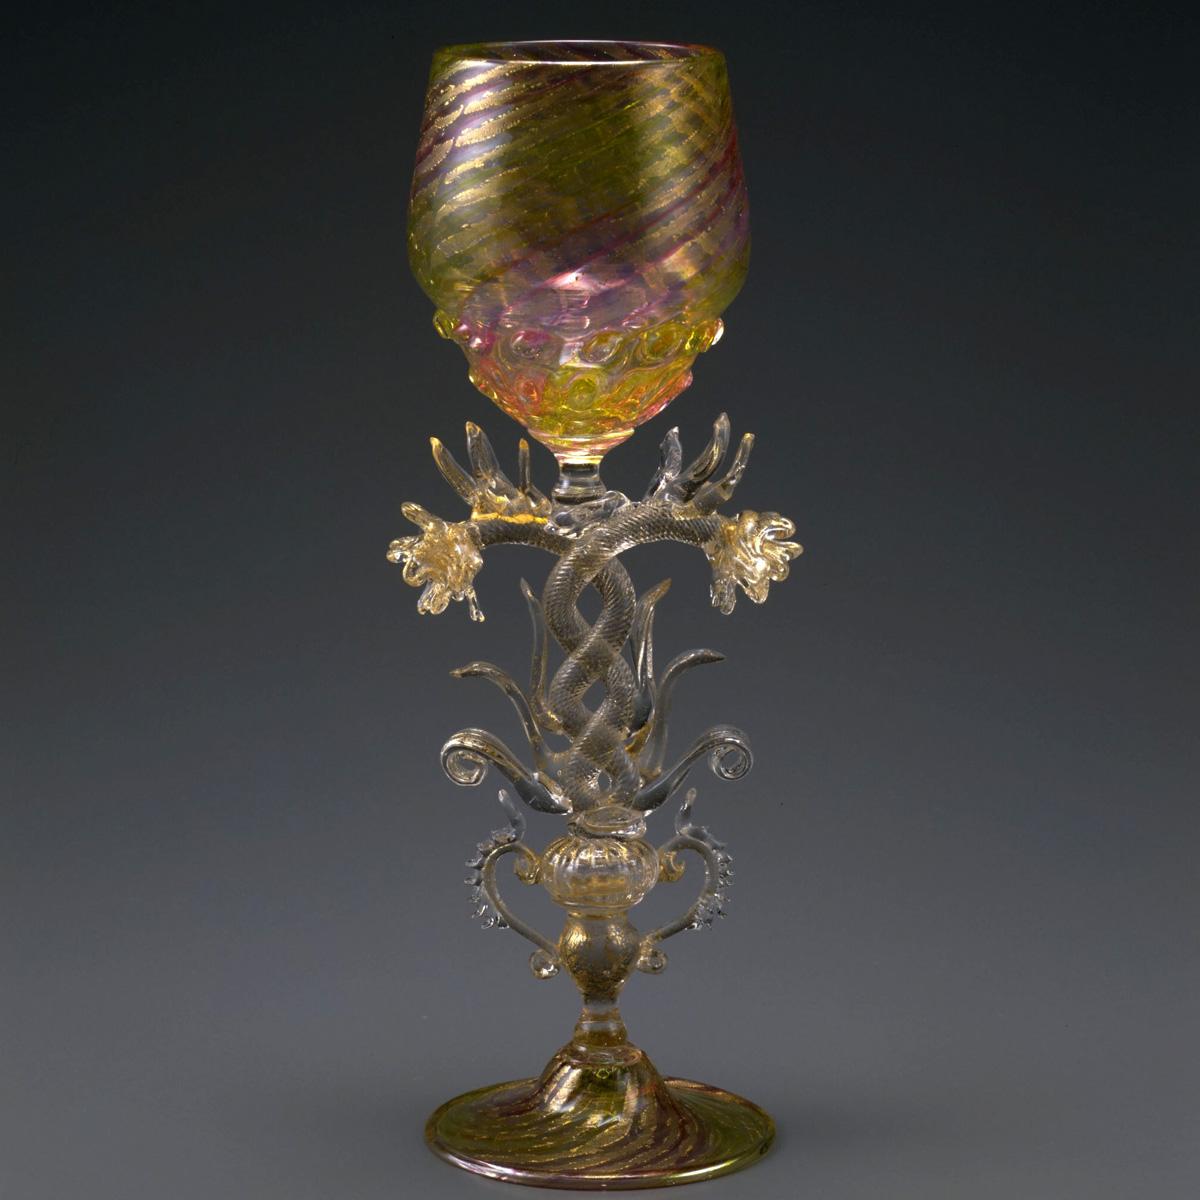 バラ装飾脚ワイングラス (19世紀|ヴェネチア)